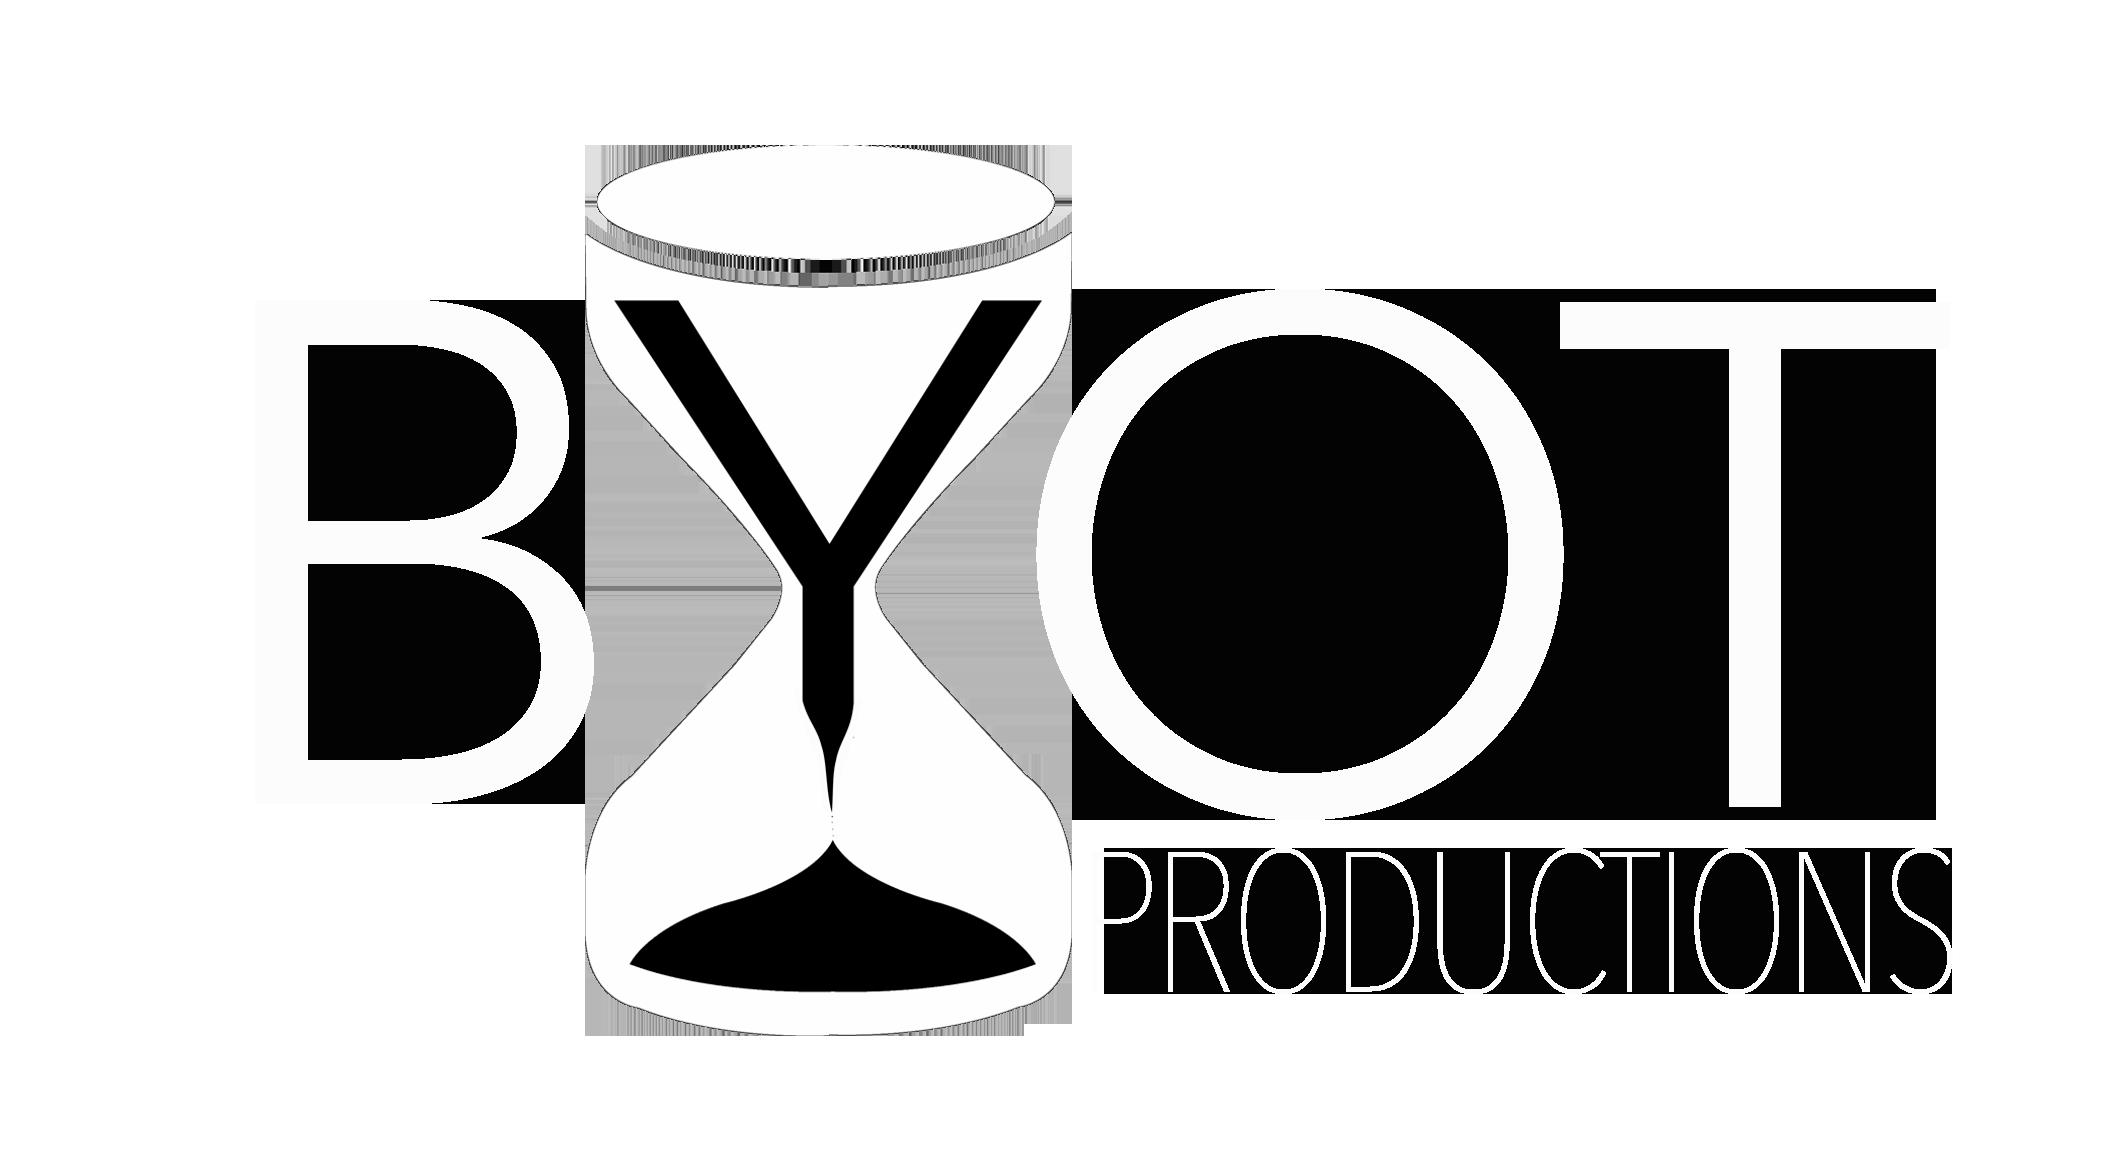 BYOT logo